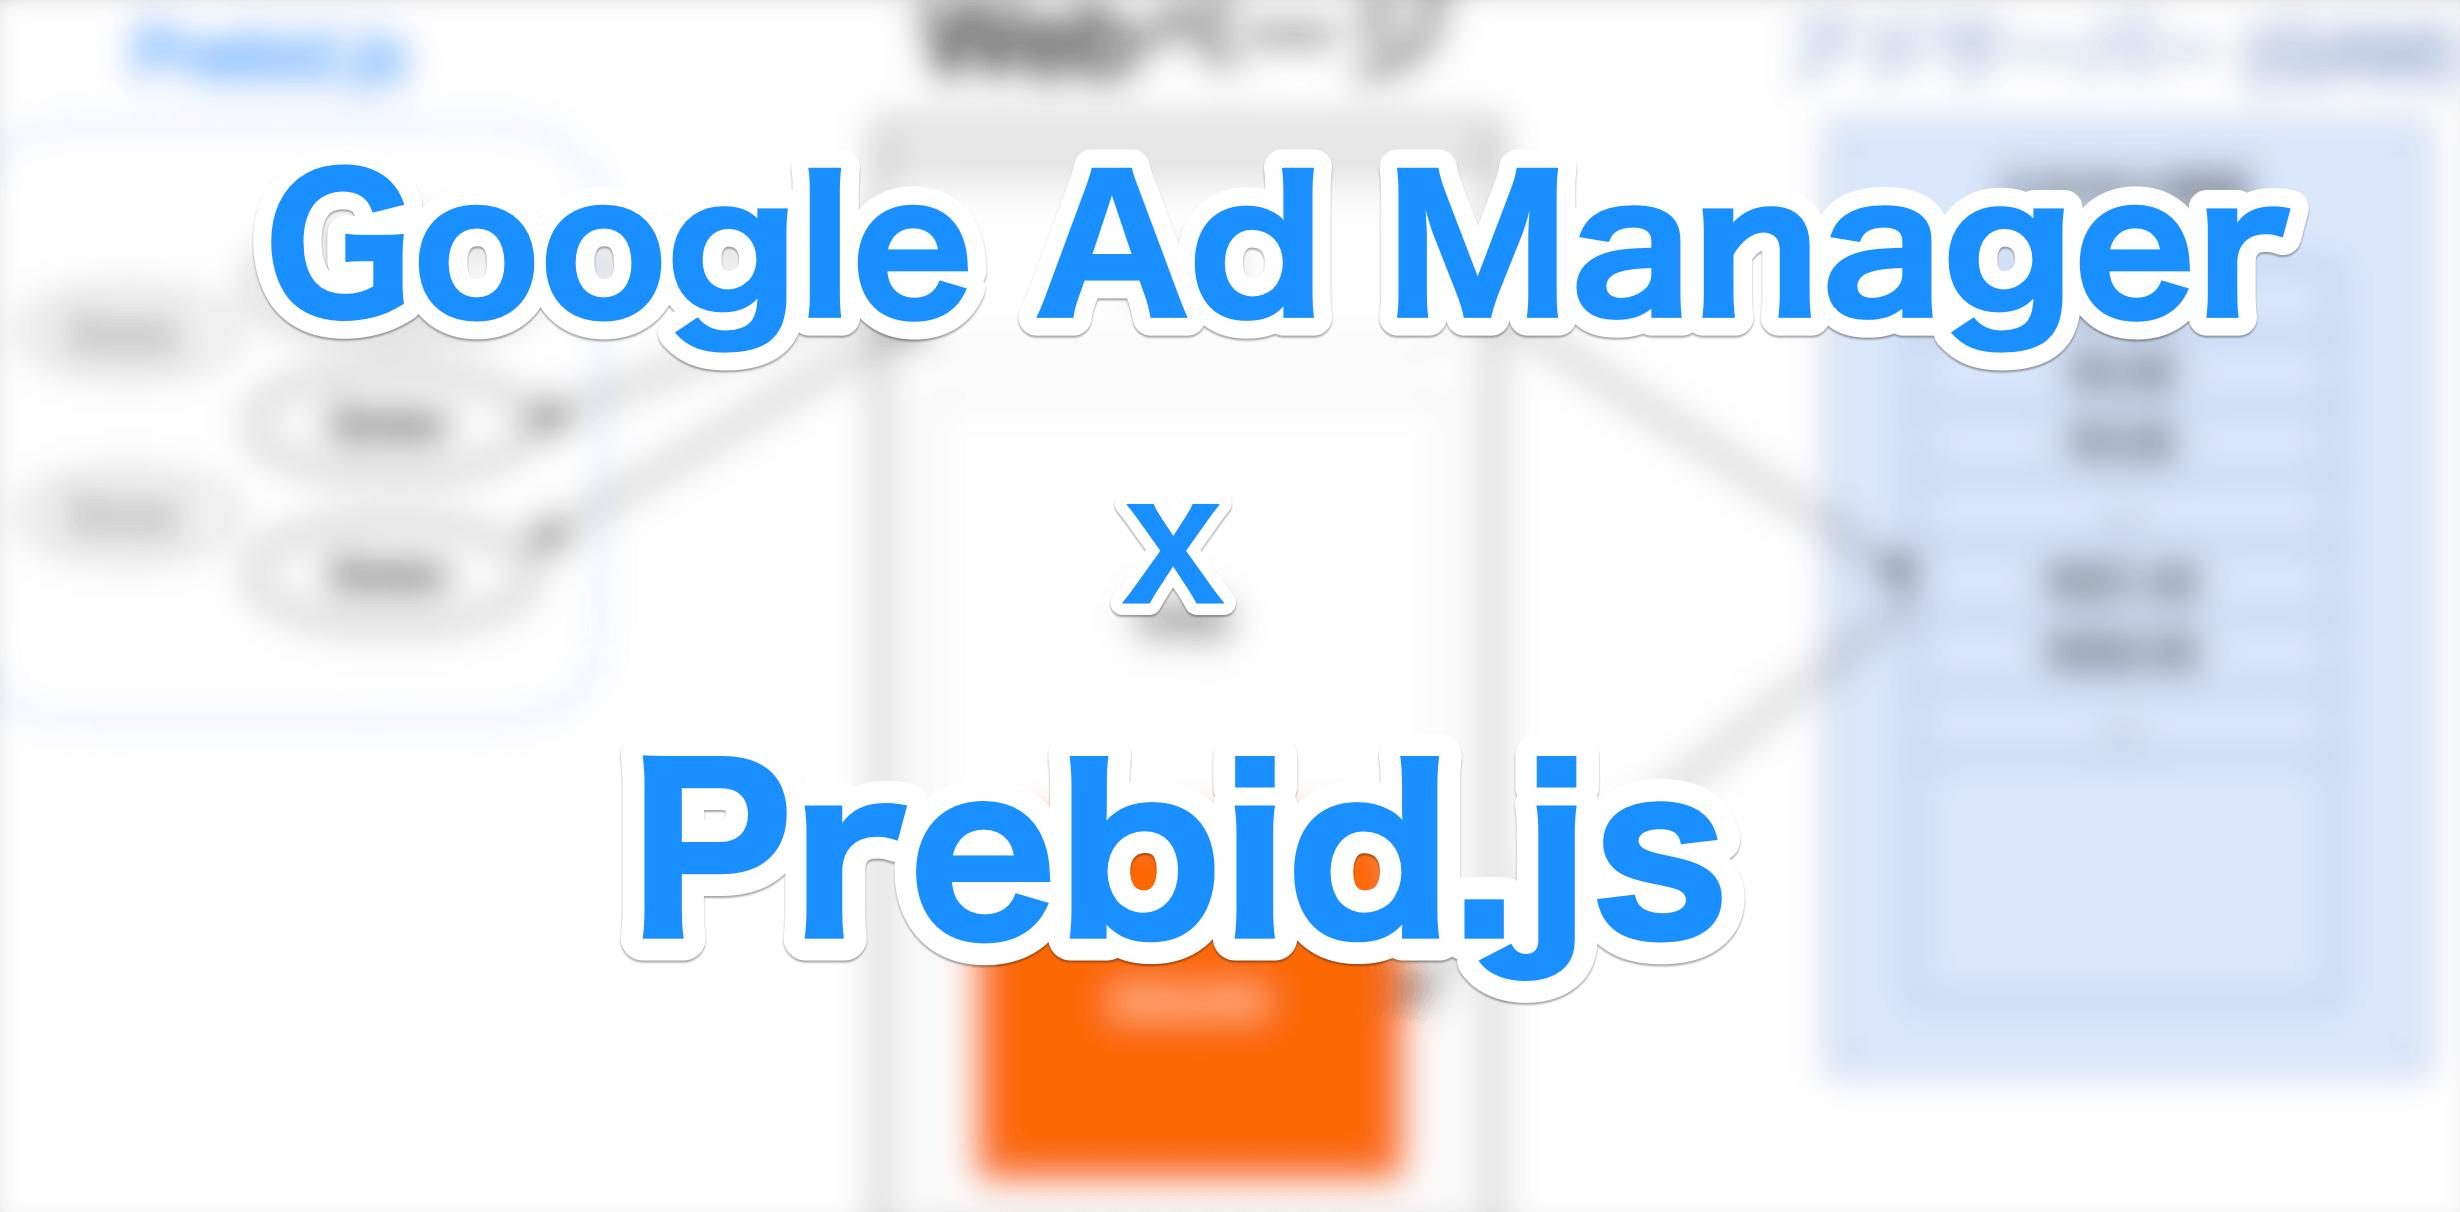 Google Ad Manager x Prebid.js